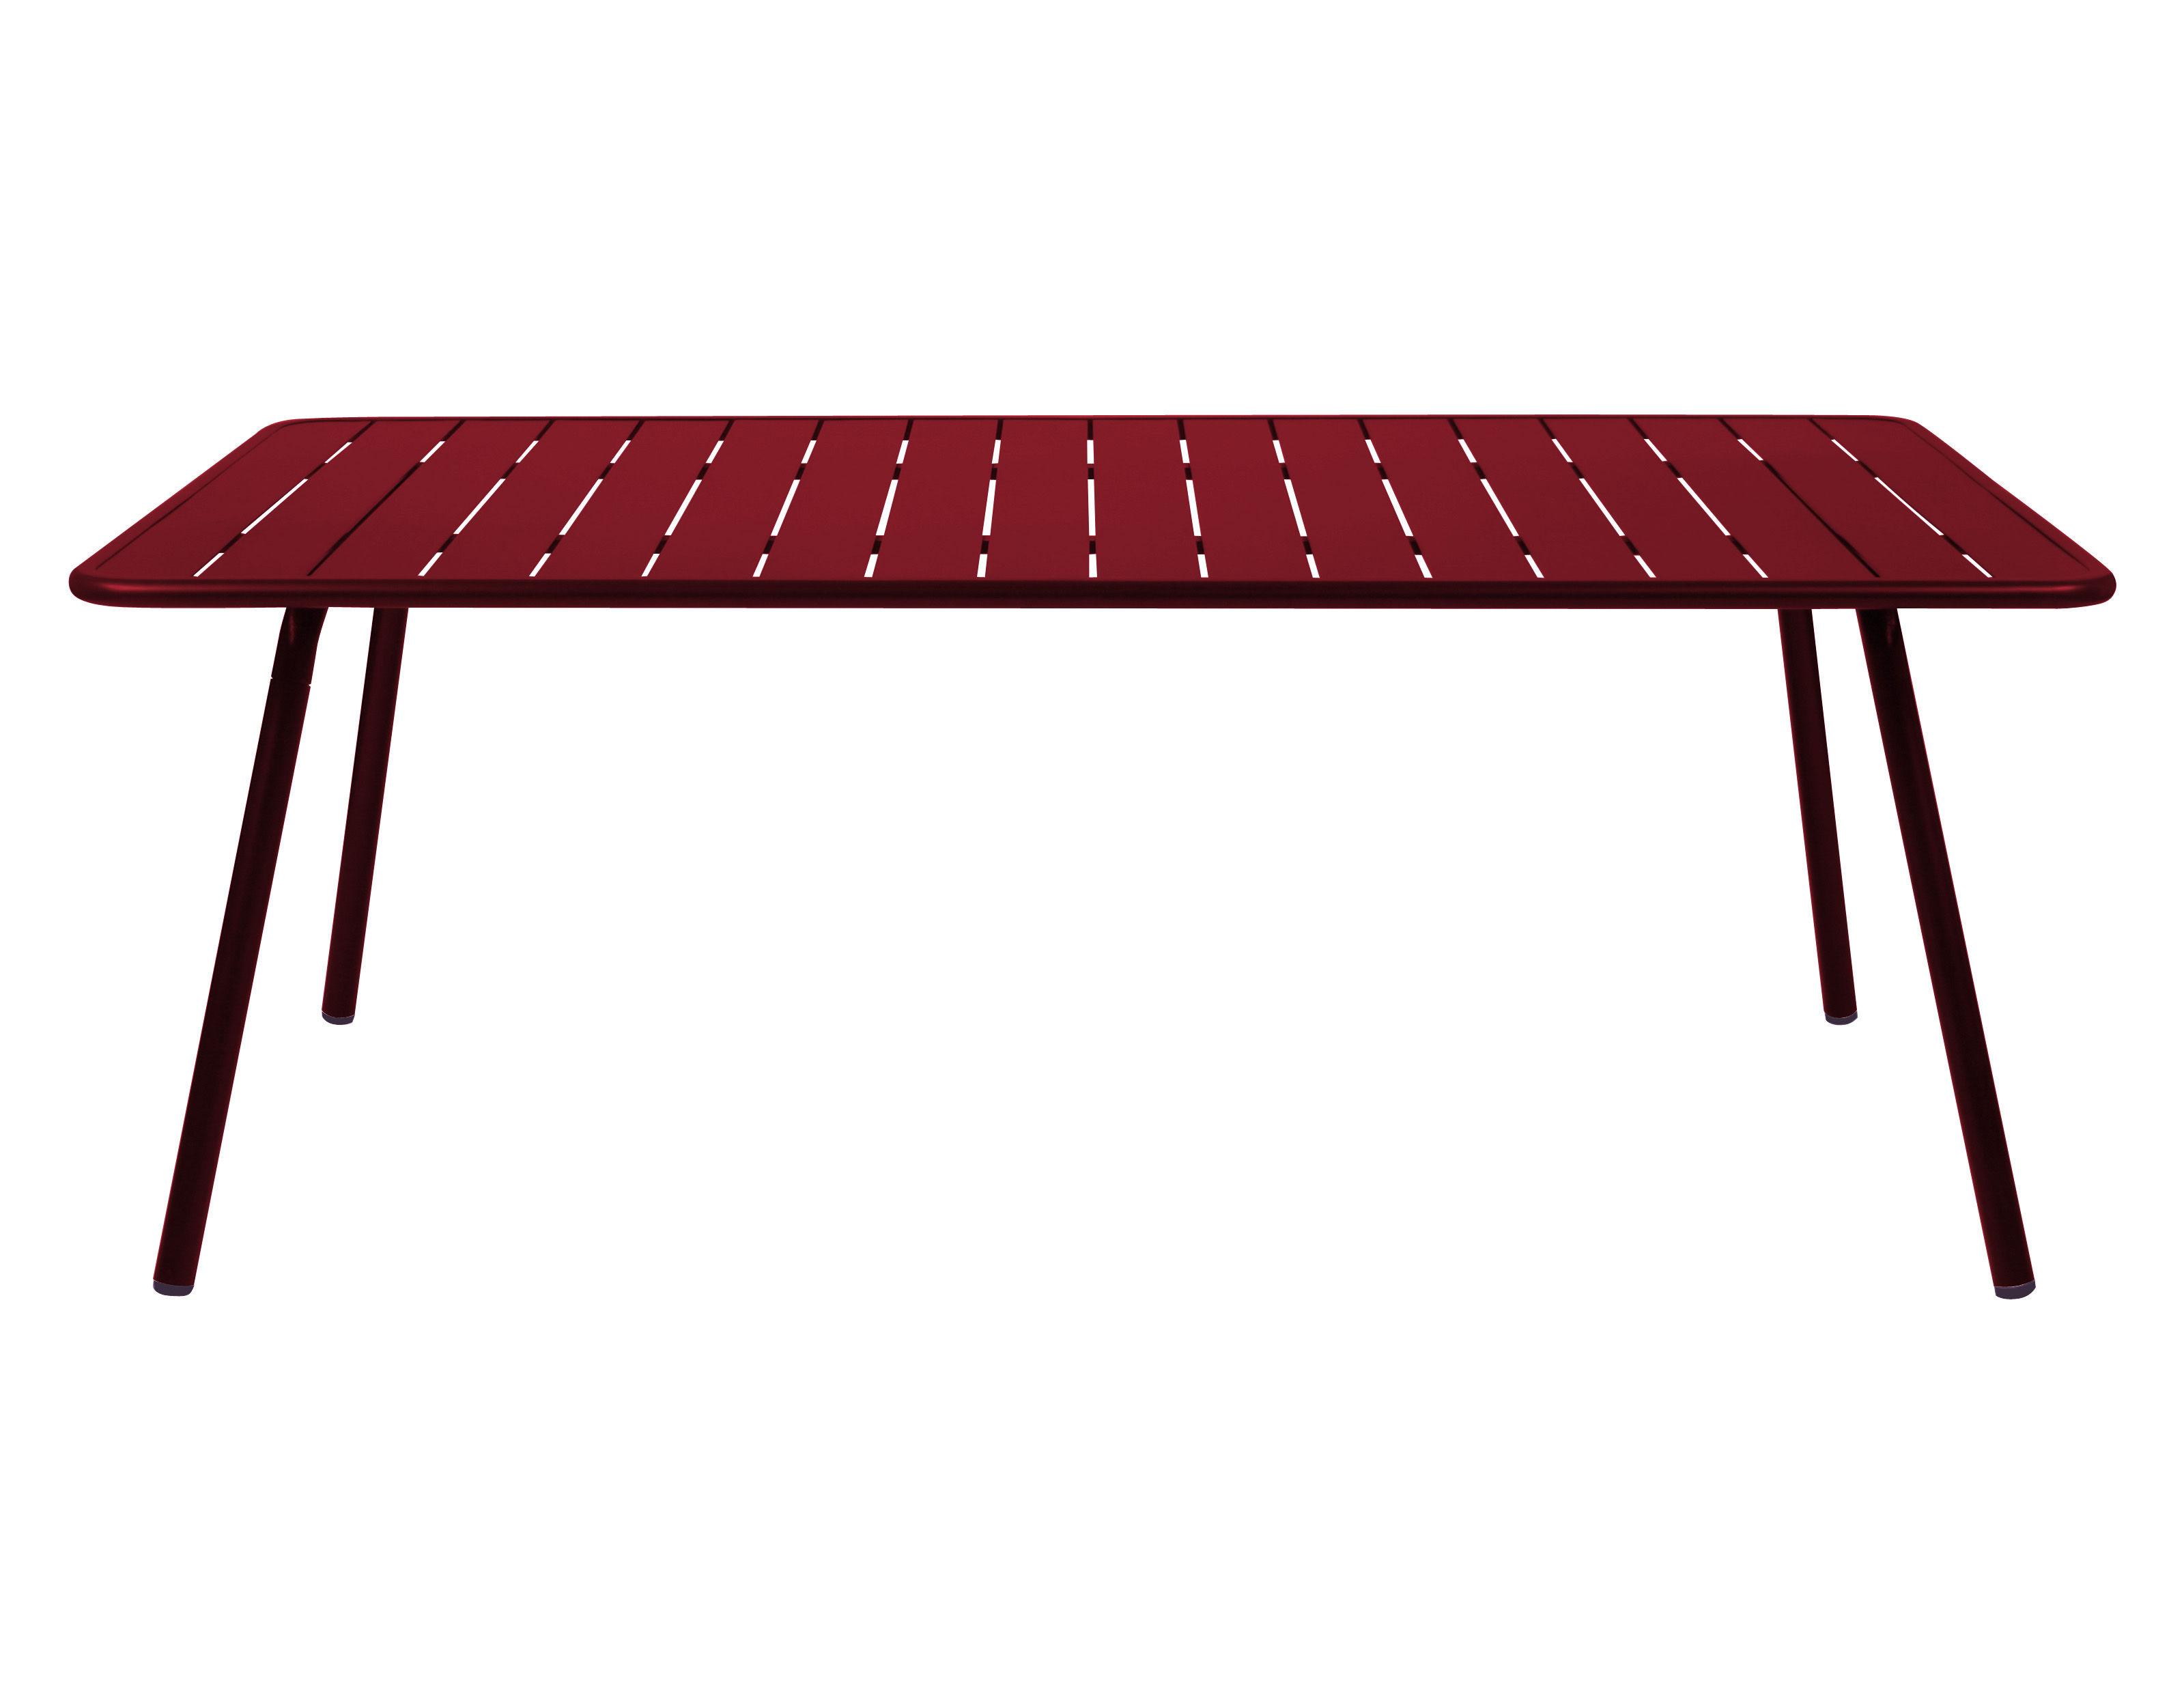 Table rectangulaire Luxembourg / 8 personnes - 207 x 100 cm - Aluminium - Fermob rouge en métal